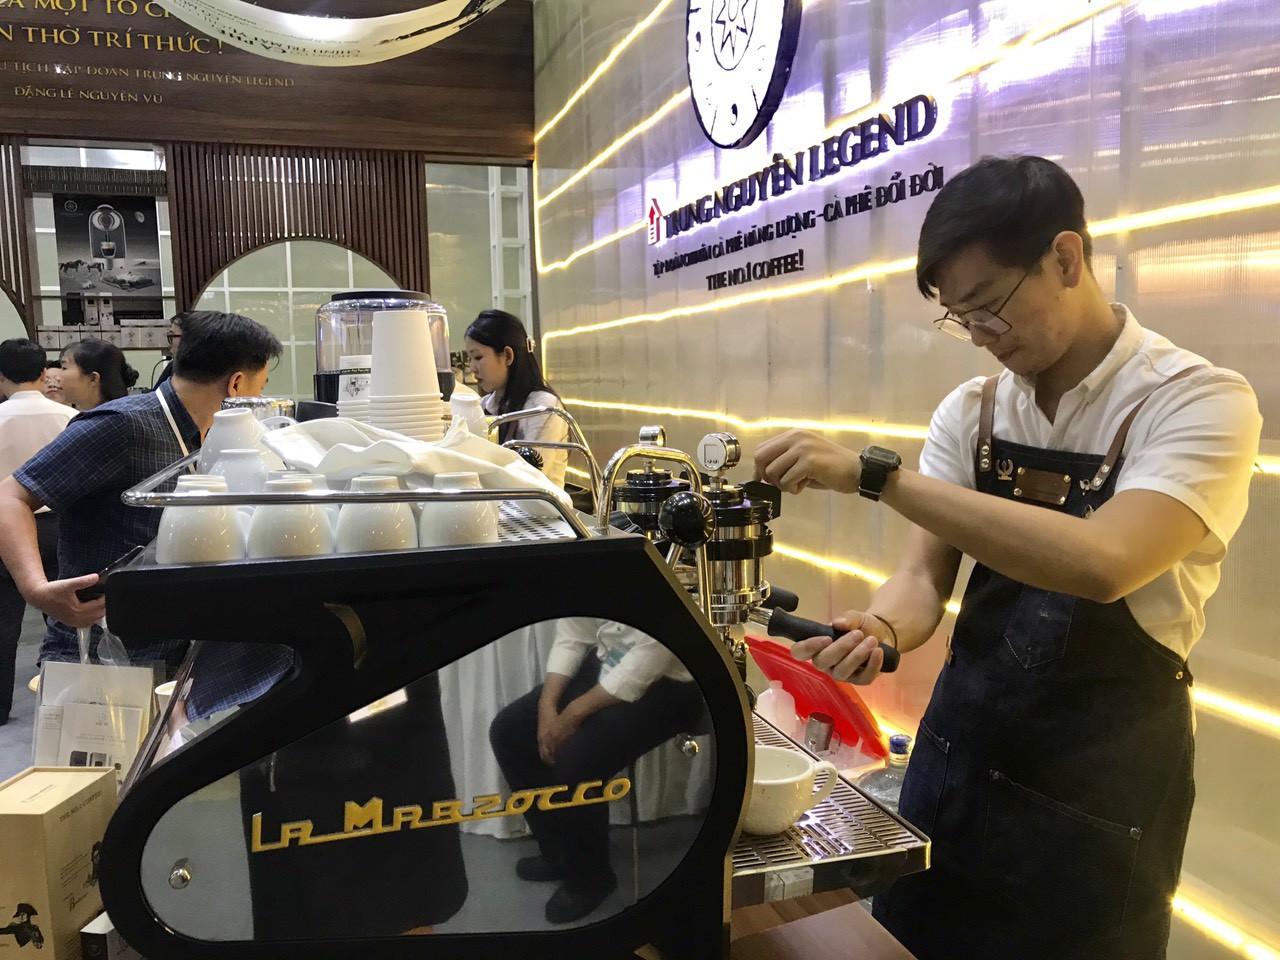 Cafe Show 2019: Sự giao thoa giữa văn hóa thưởng thức cà phê truyền thống - hiện đại  - Ảnh 3.